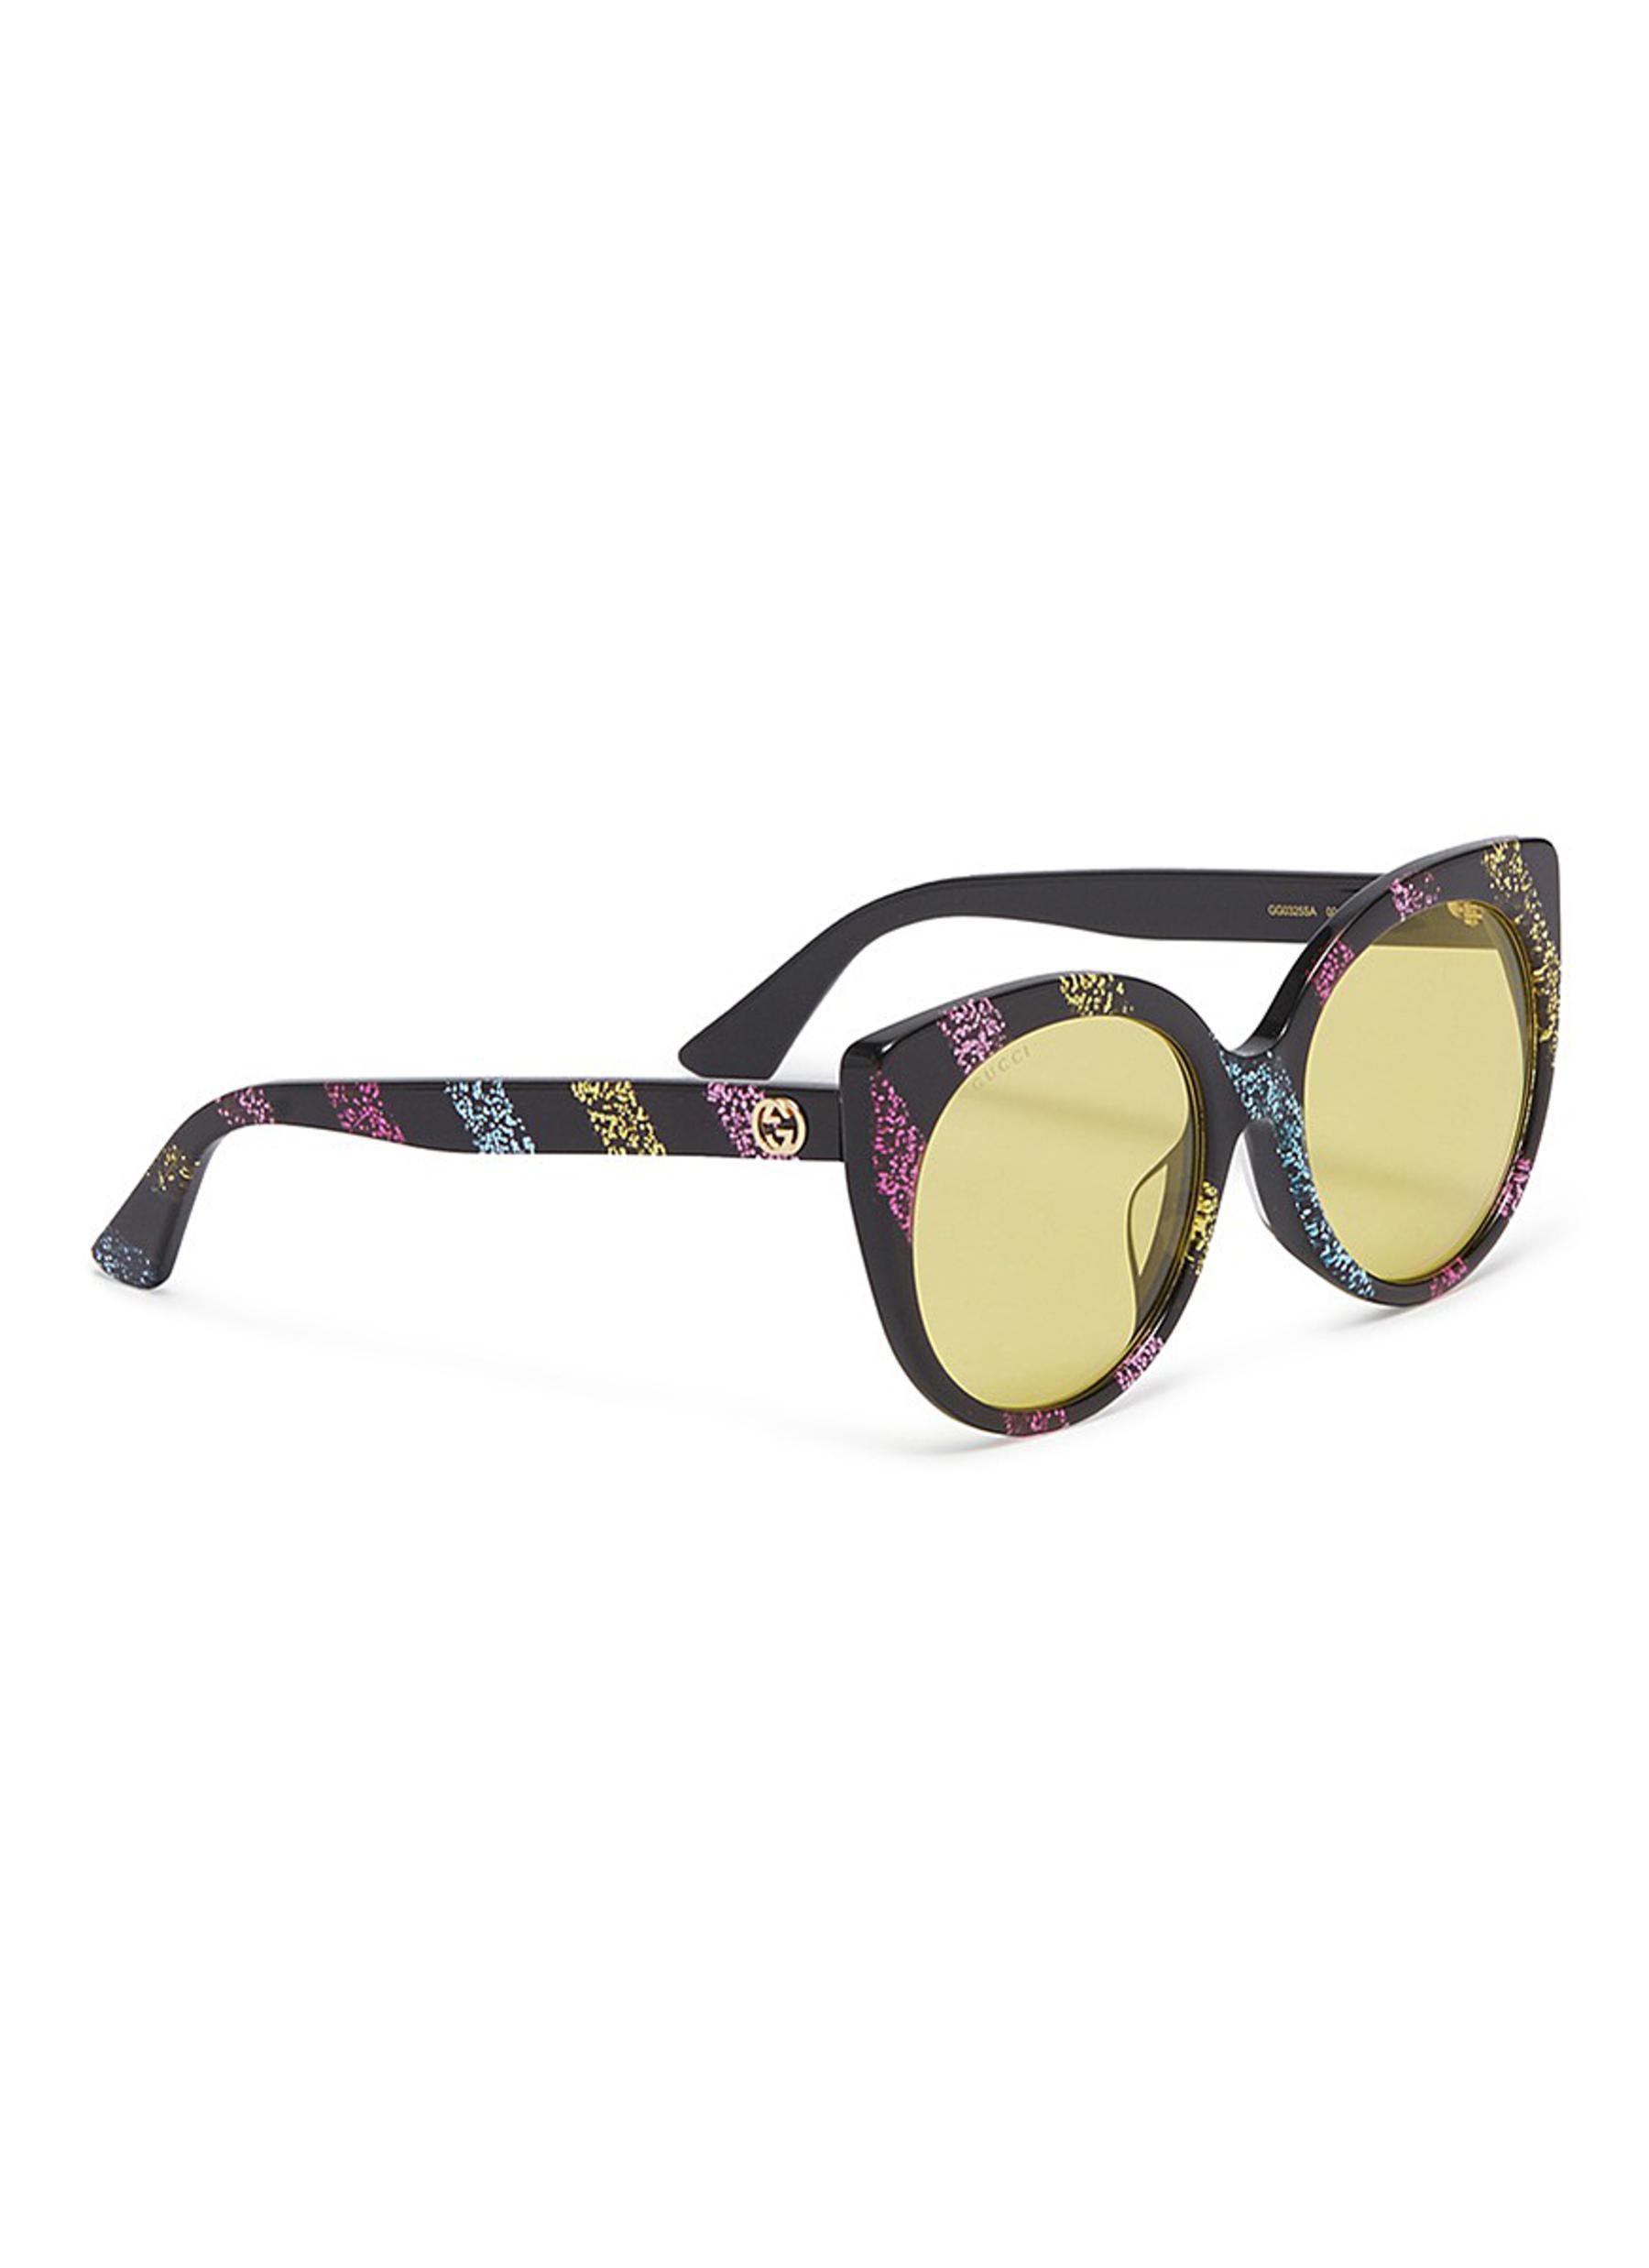 71cc8b71f8d Gucci - Multicolor Glitter Stripe Acetate Cat Eye Sunglasses - Lyst. View  fullscreen